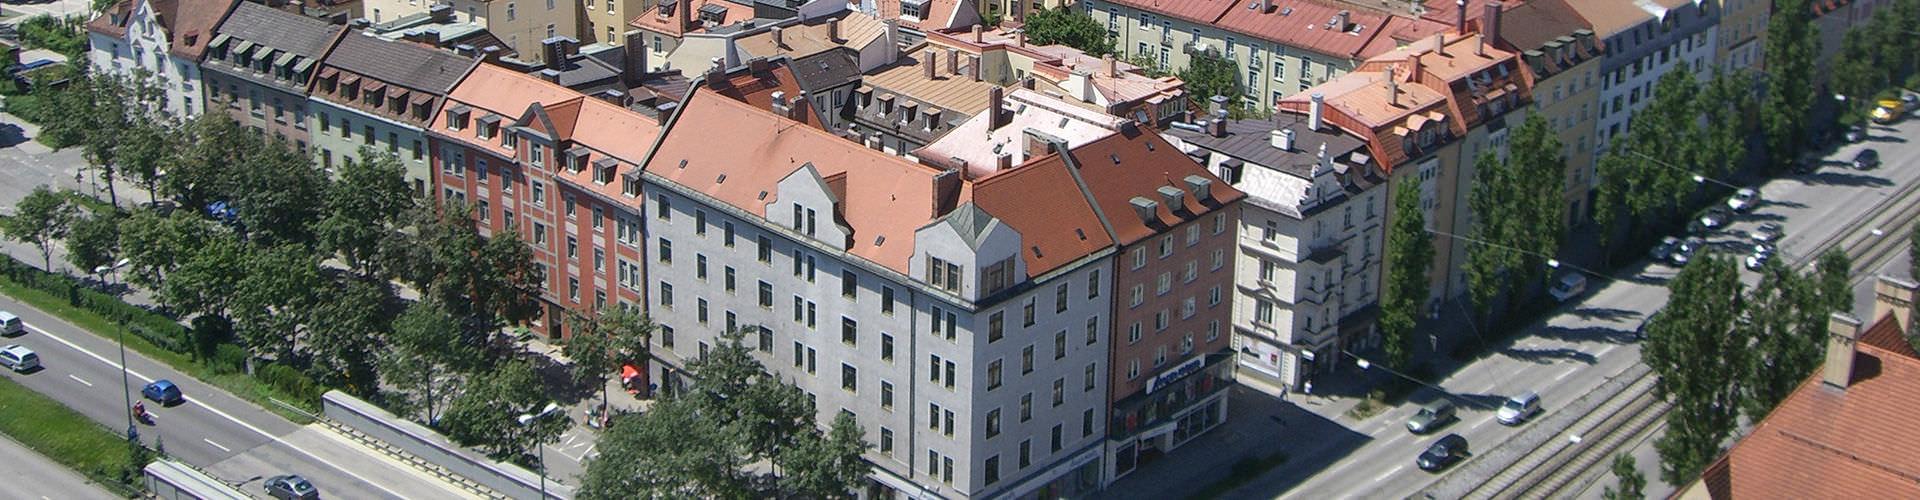 ミュンヘン – Westend地区のユースホステル. 地図 ミュンヘン, すべてのユースホステルの写真とレビュー ミュンヘン.